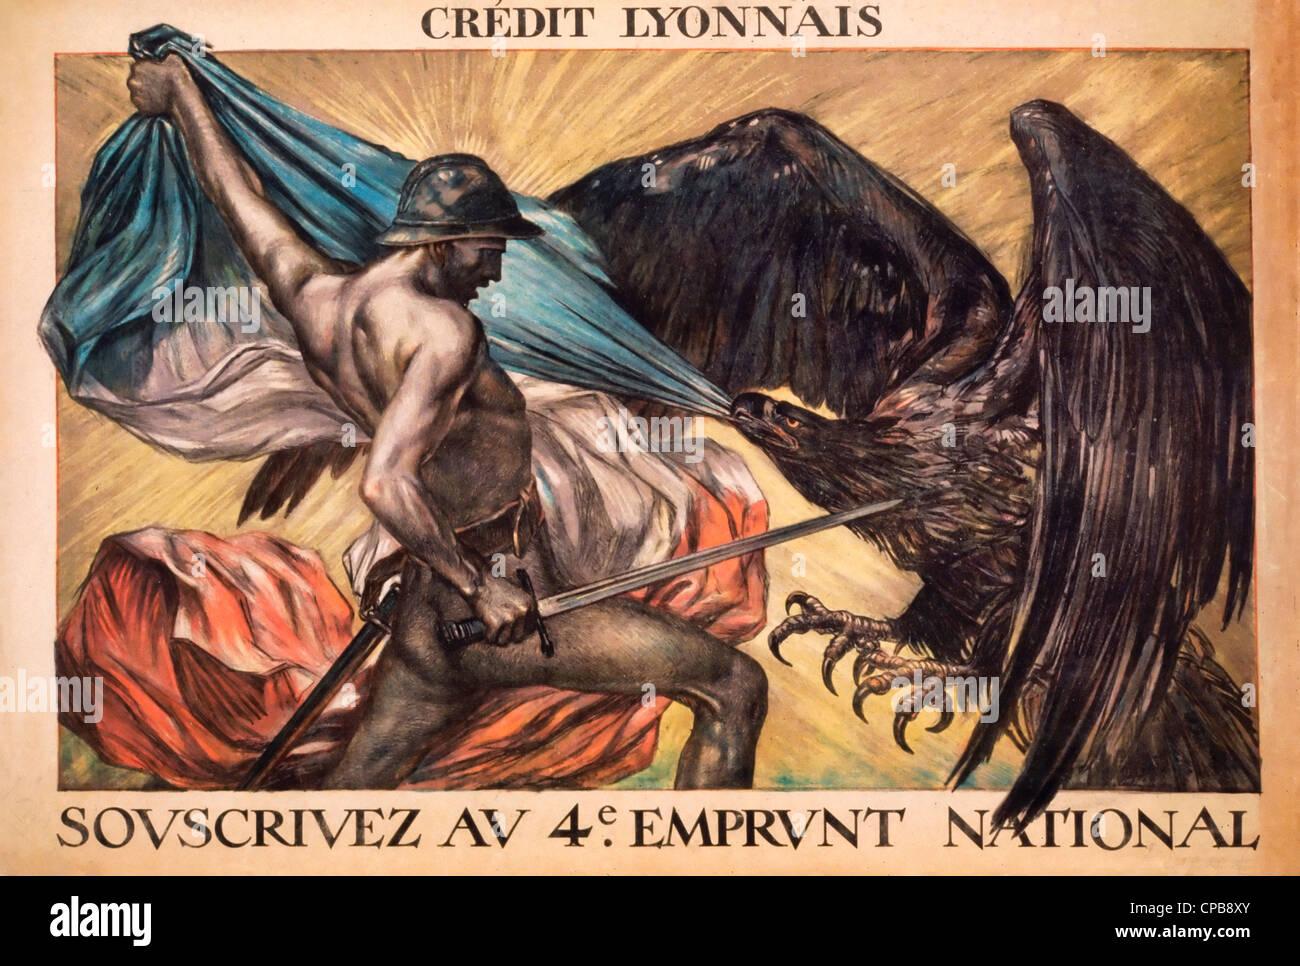 Crédit Lyonnais. Souscrivez au 4e Emprunt National A male 'allegorical' figure armed with a sword pulling - Stock Image